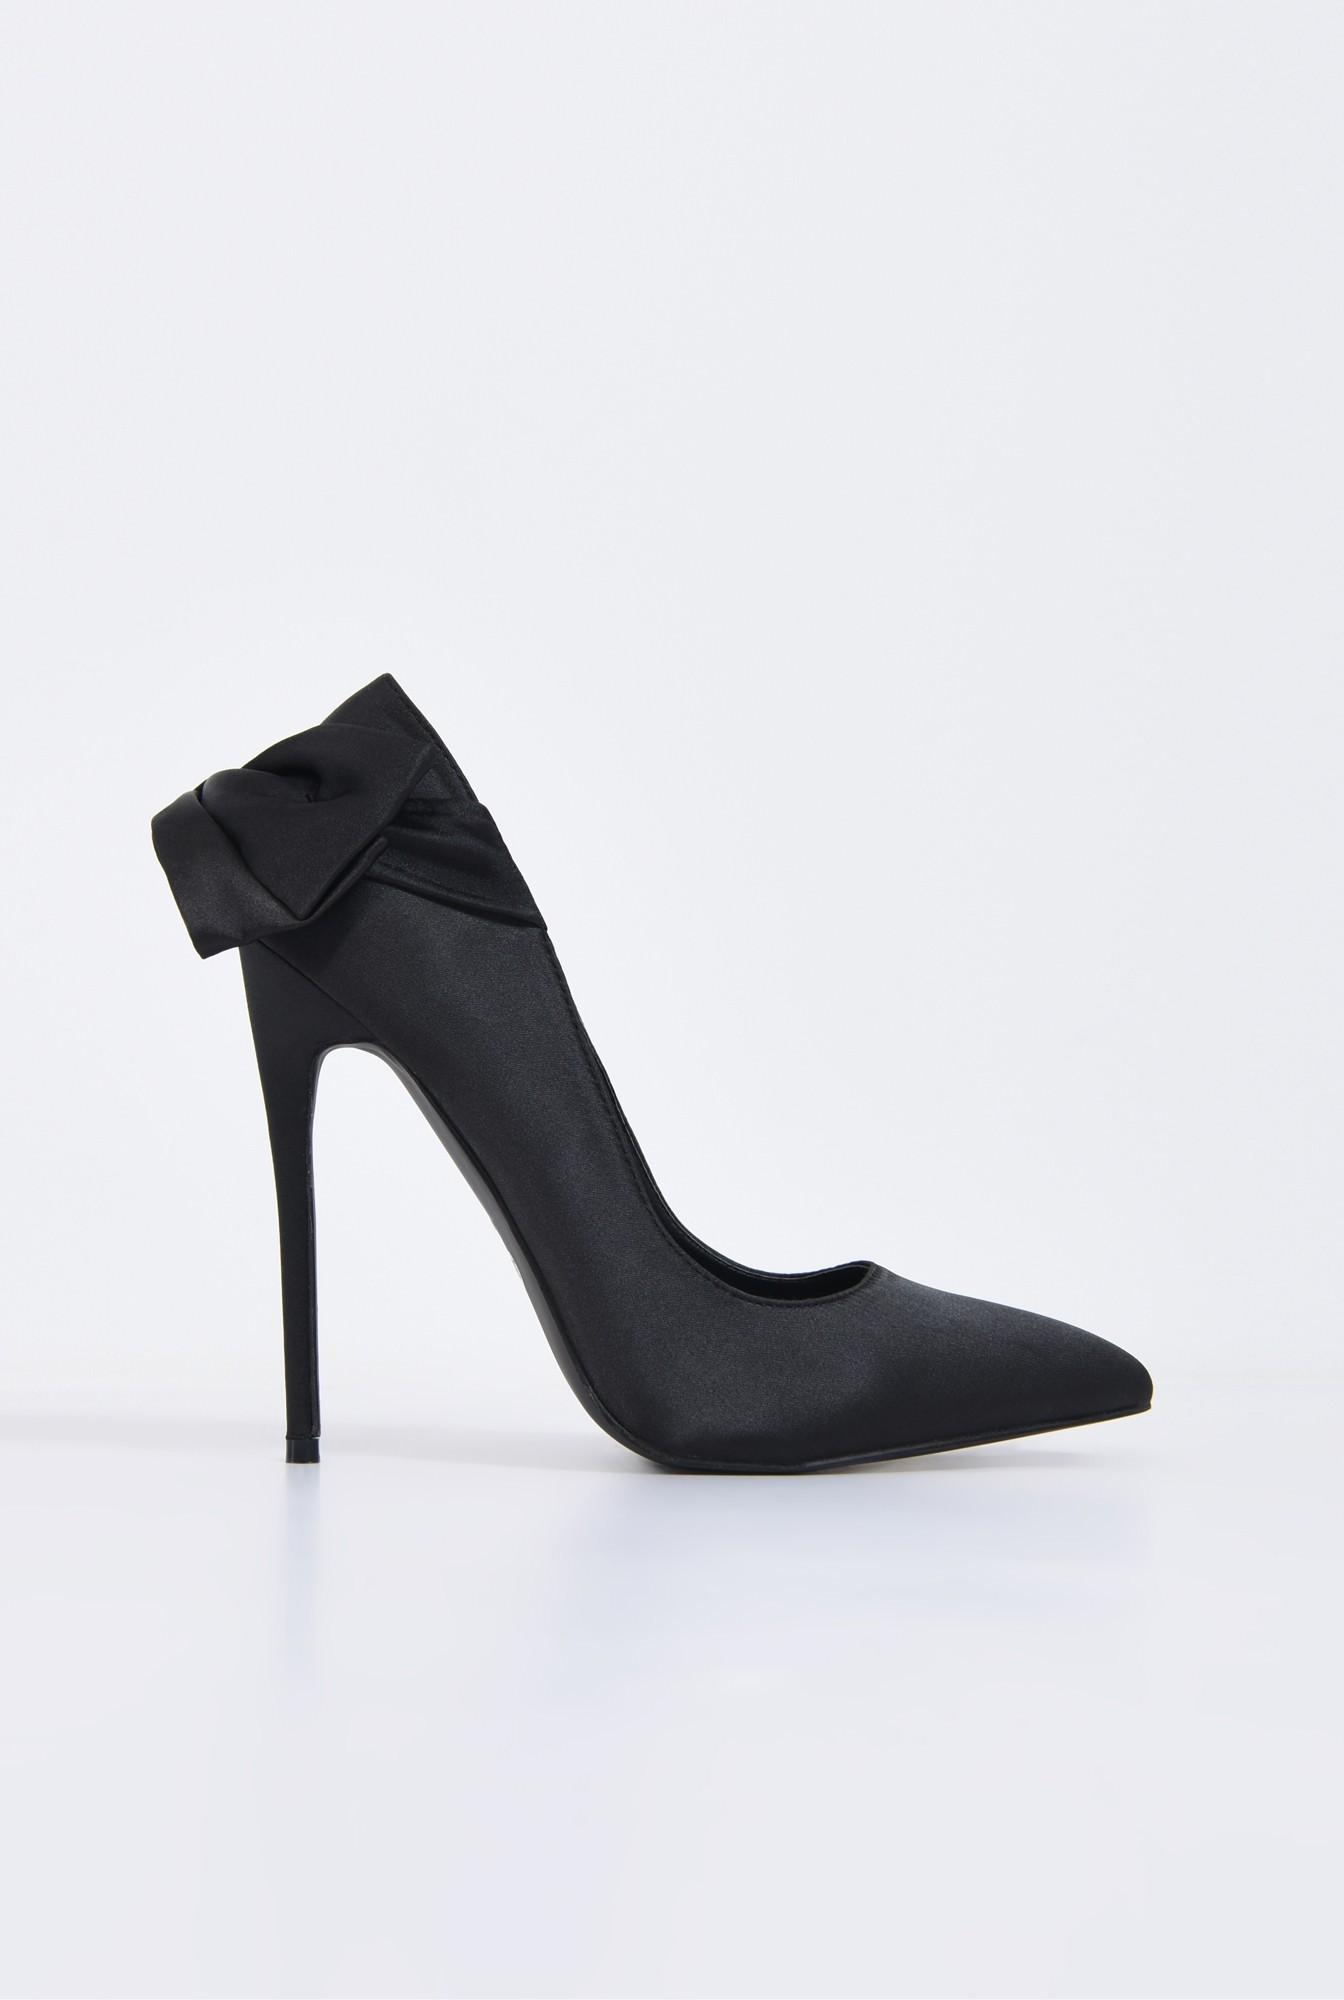 0 - pantofi eleganti, negru, satin, stiletto